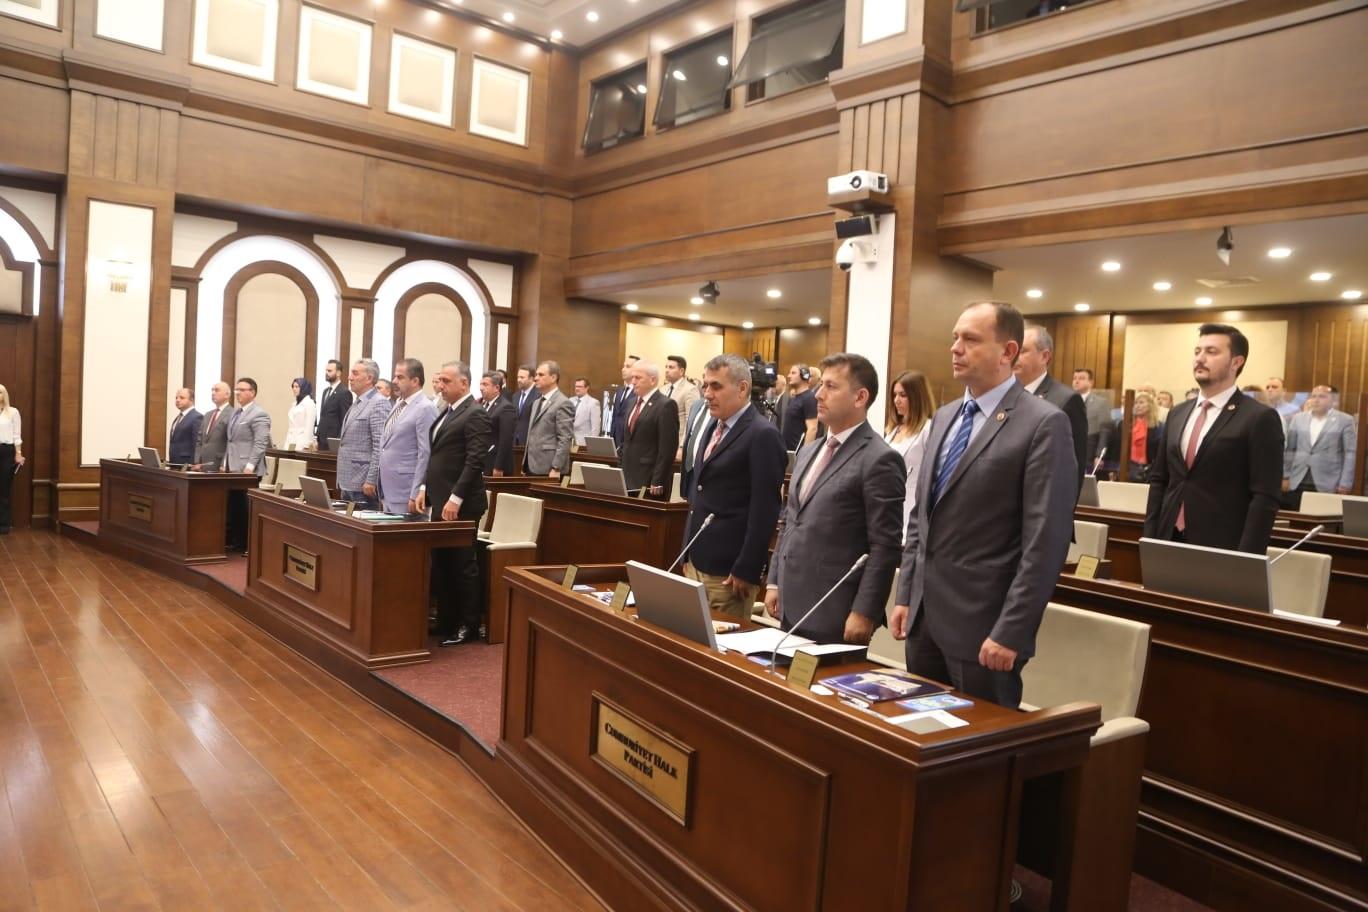 Büyükçekmece Belediye Meclisi'nden şehitlerimize saygı